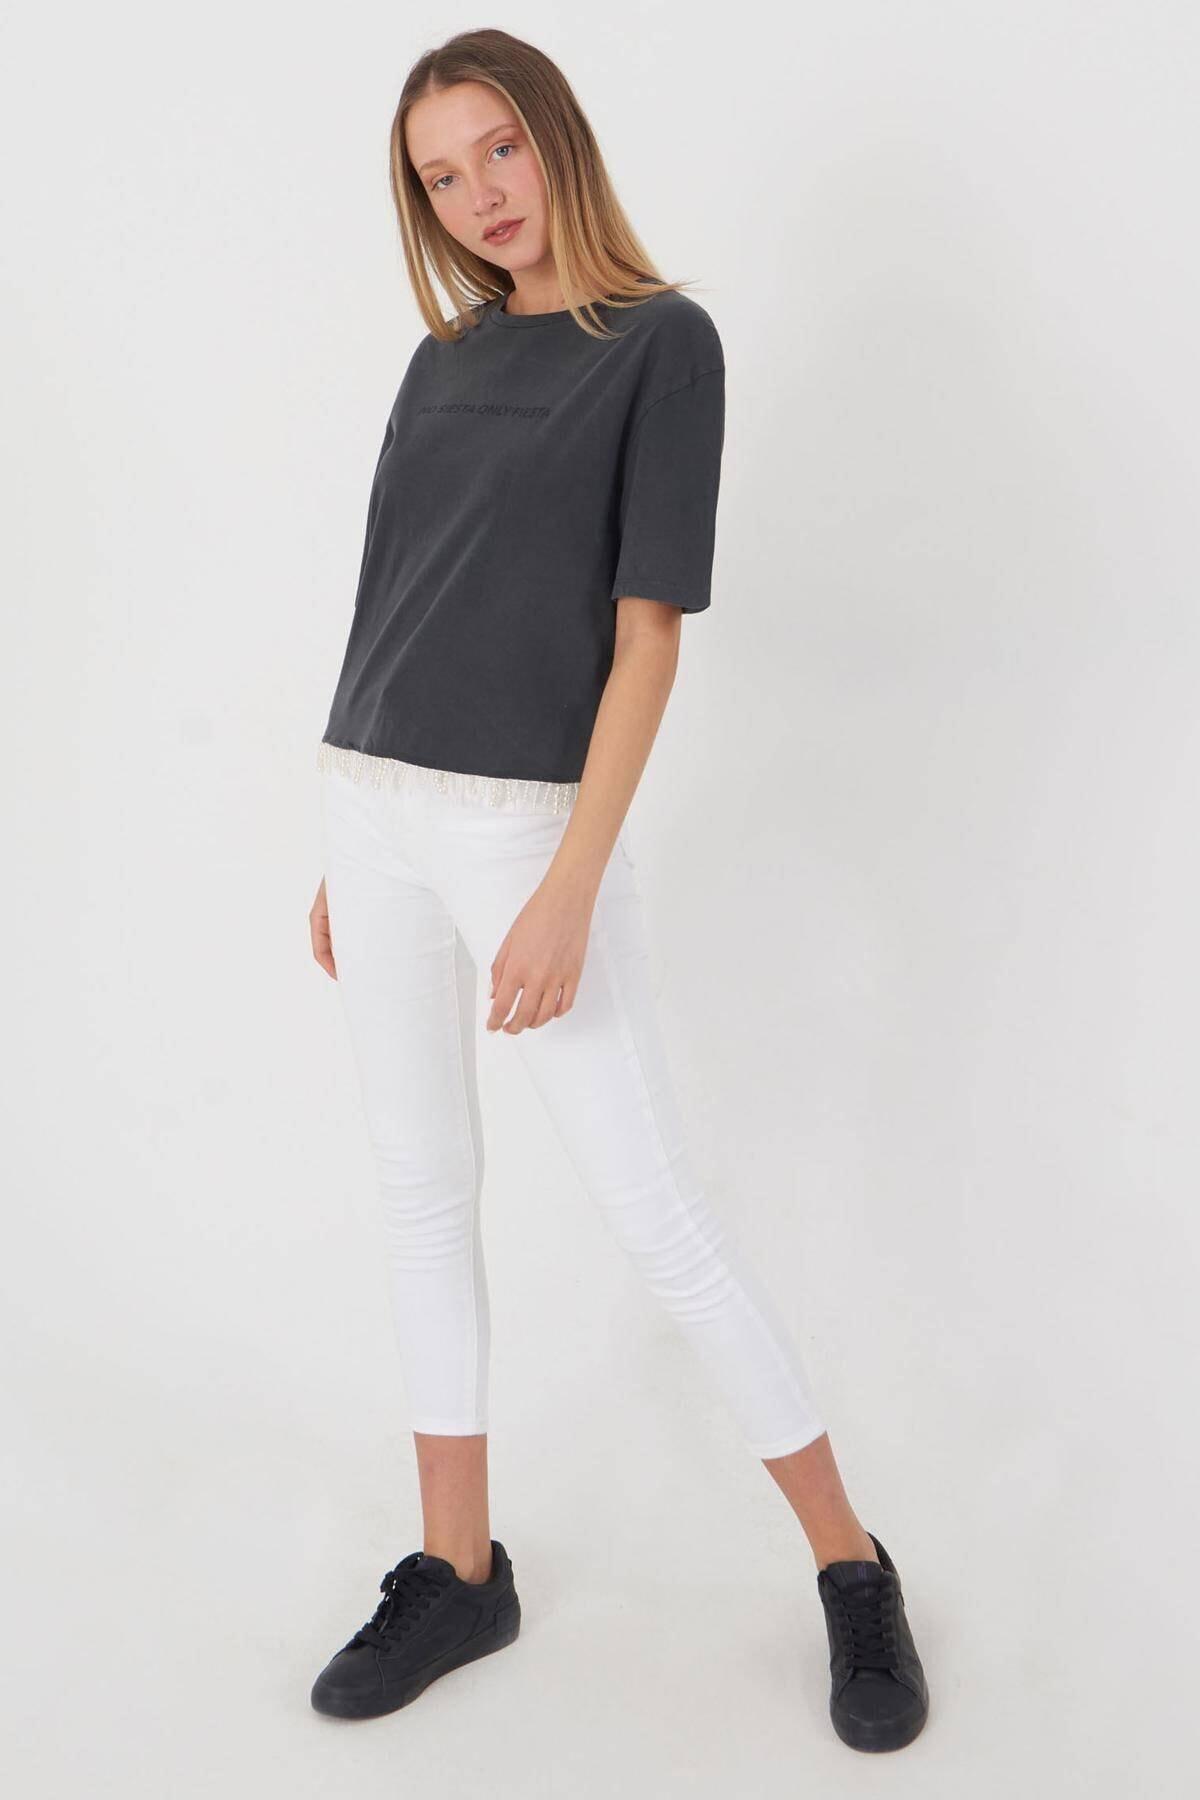 Addax Kadın Füme Boncuk Detaylı Tişört P12236 - T10 Adx-0000023903 3